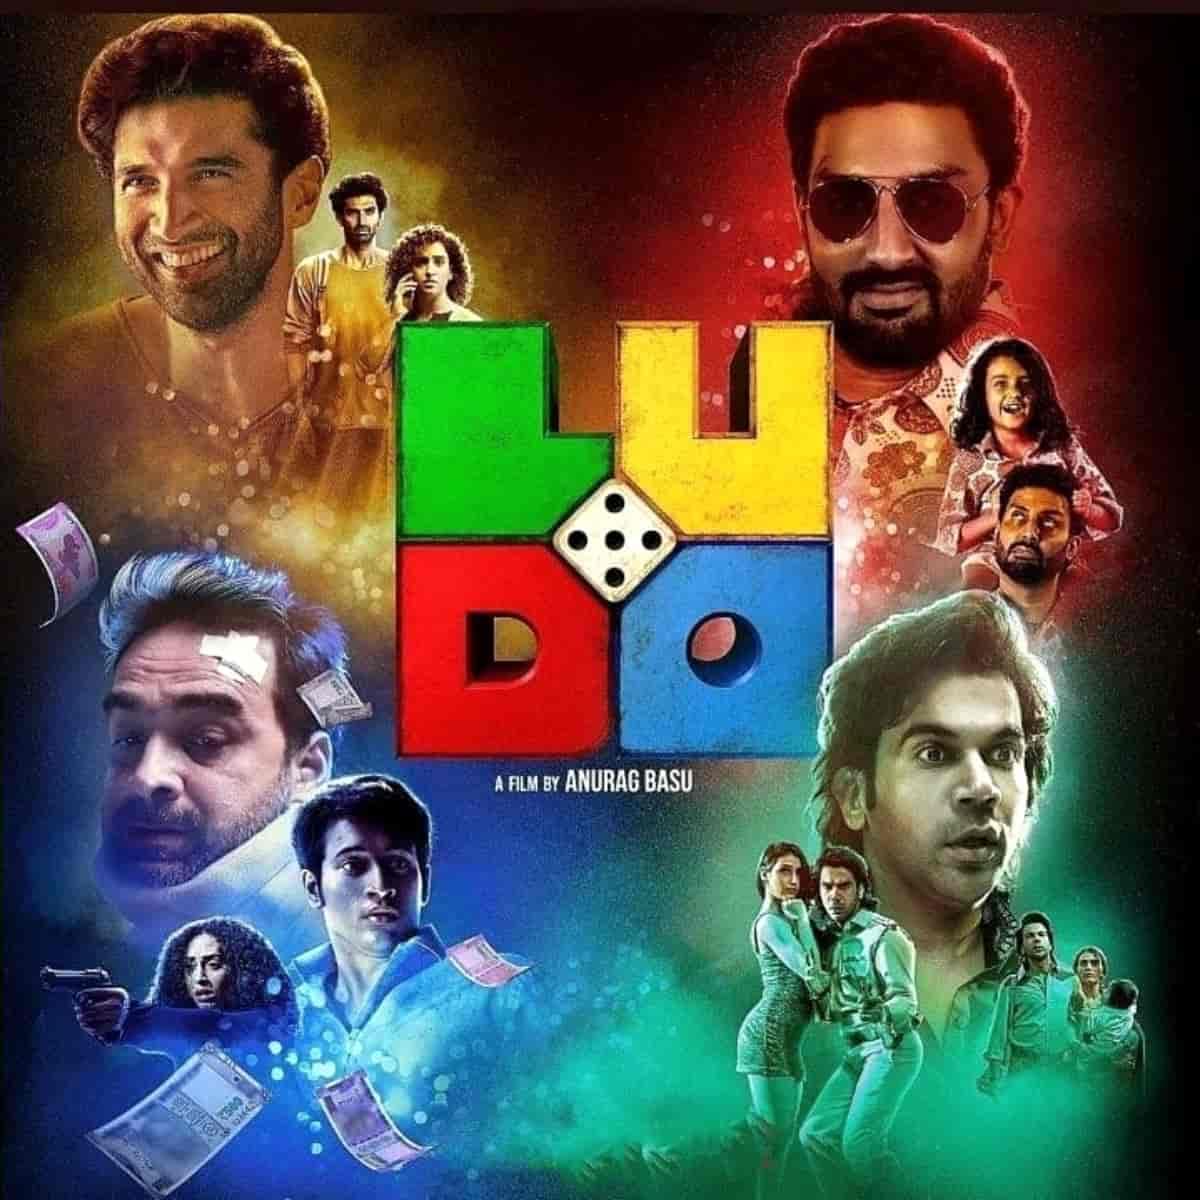 Dil Julaha Hindi Song Dil Julaha From Movie Ludo Sung By Darshan Raval